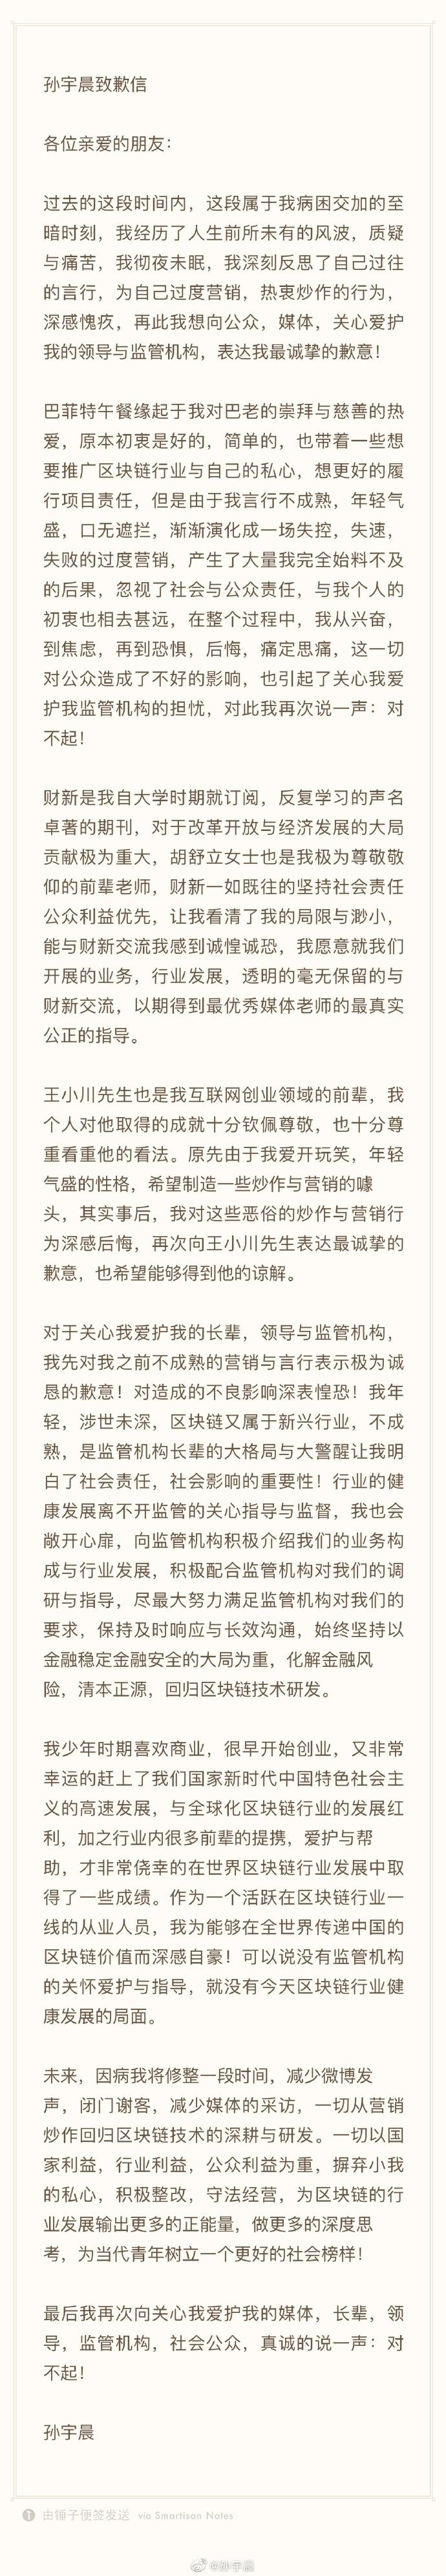 孙宇晨发致歉信:为自己过度营销热衷炒作行为深感愧疚